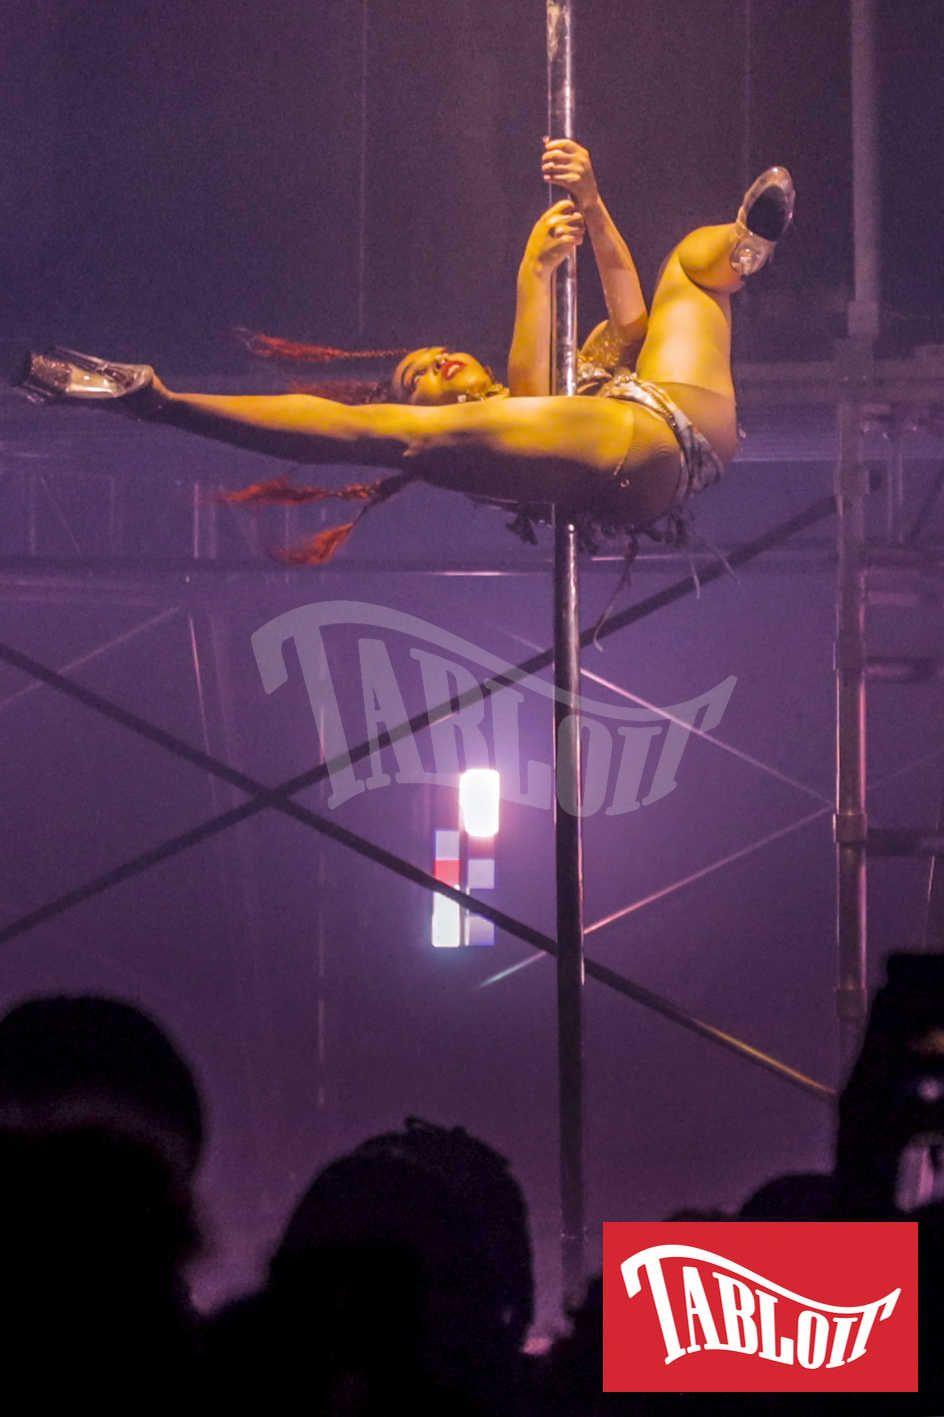 FKA Twigs pole dance